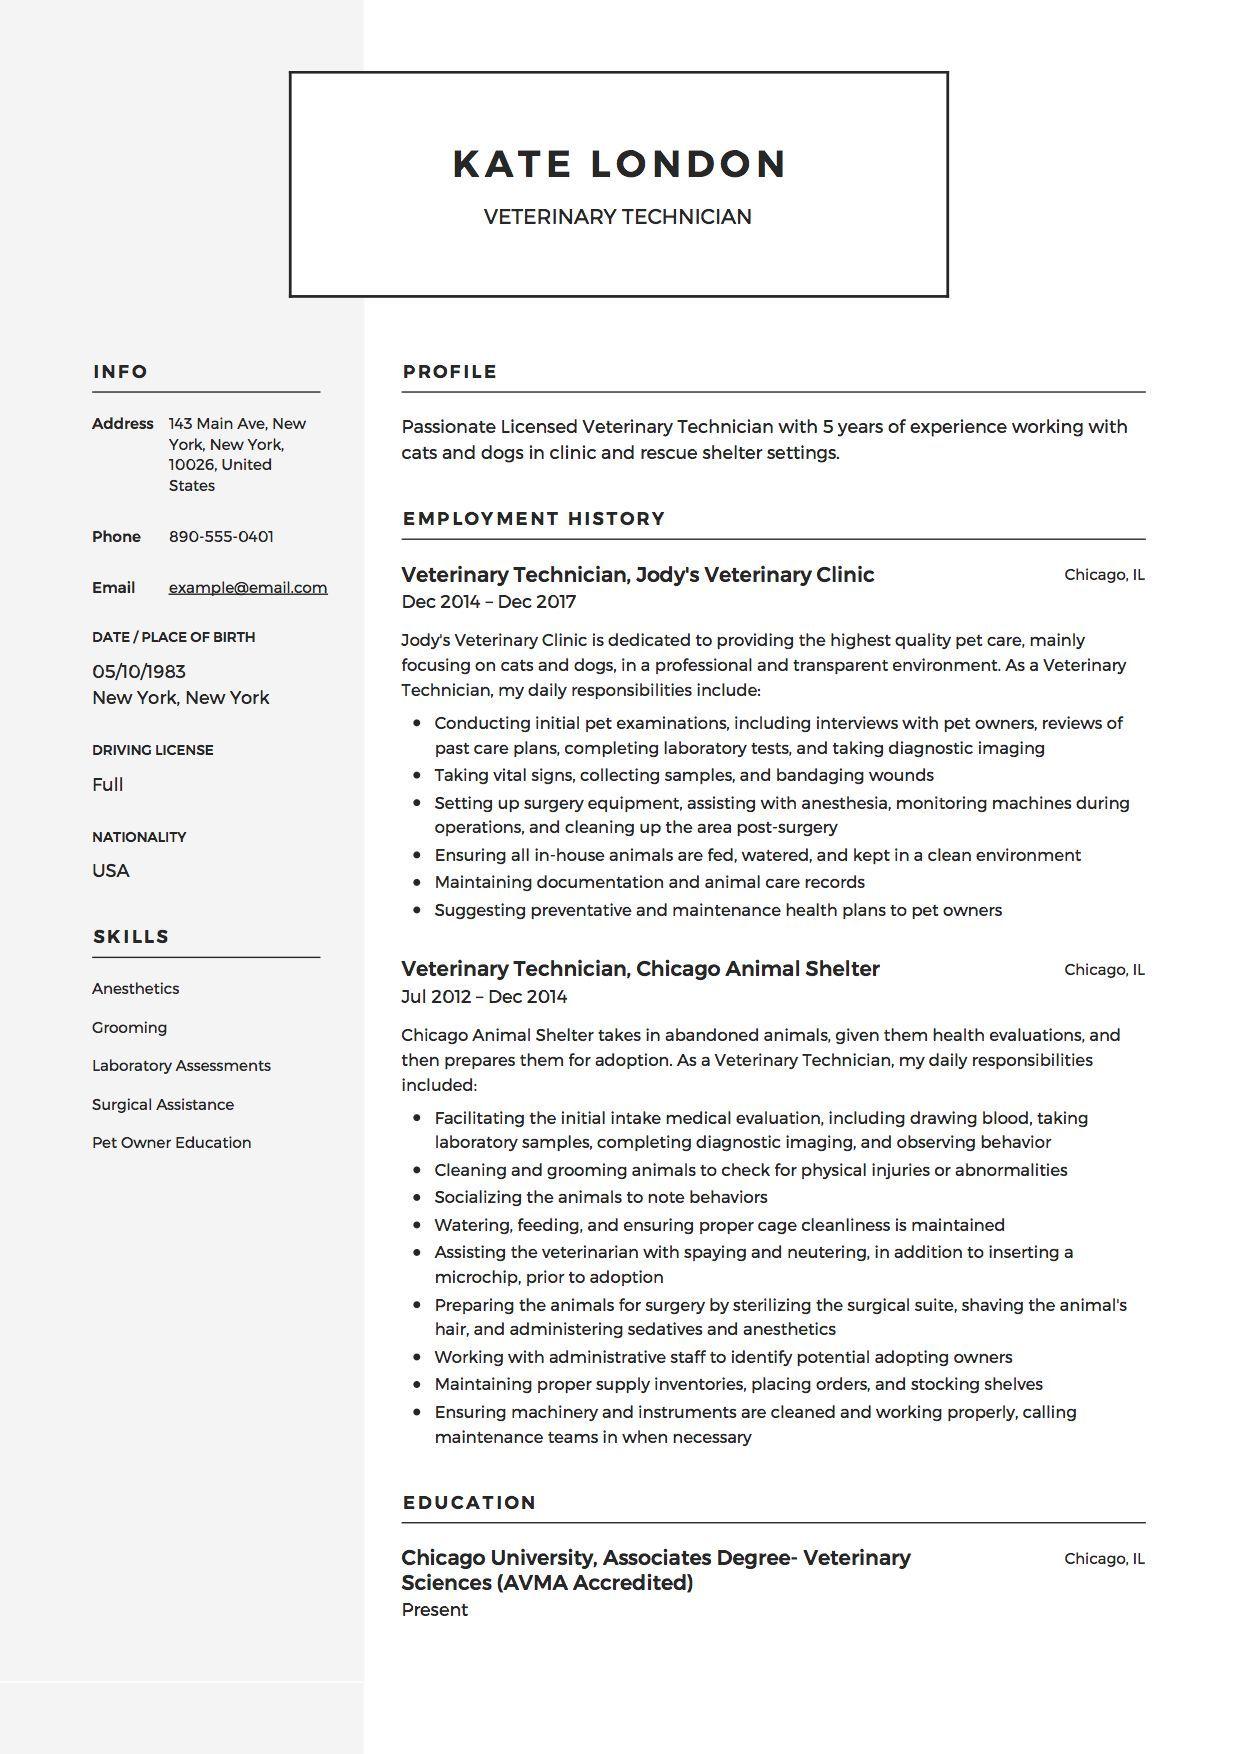 Vet Tech Resume Samples In 2020 Veterinary Technician Vet Tech Student Resume Skills